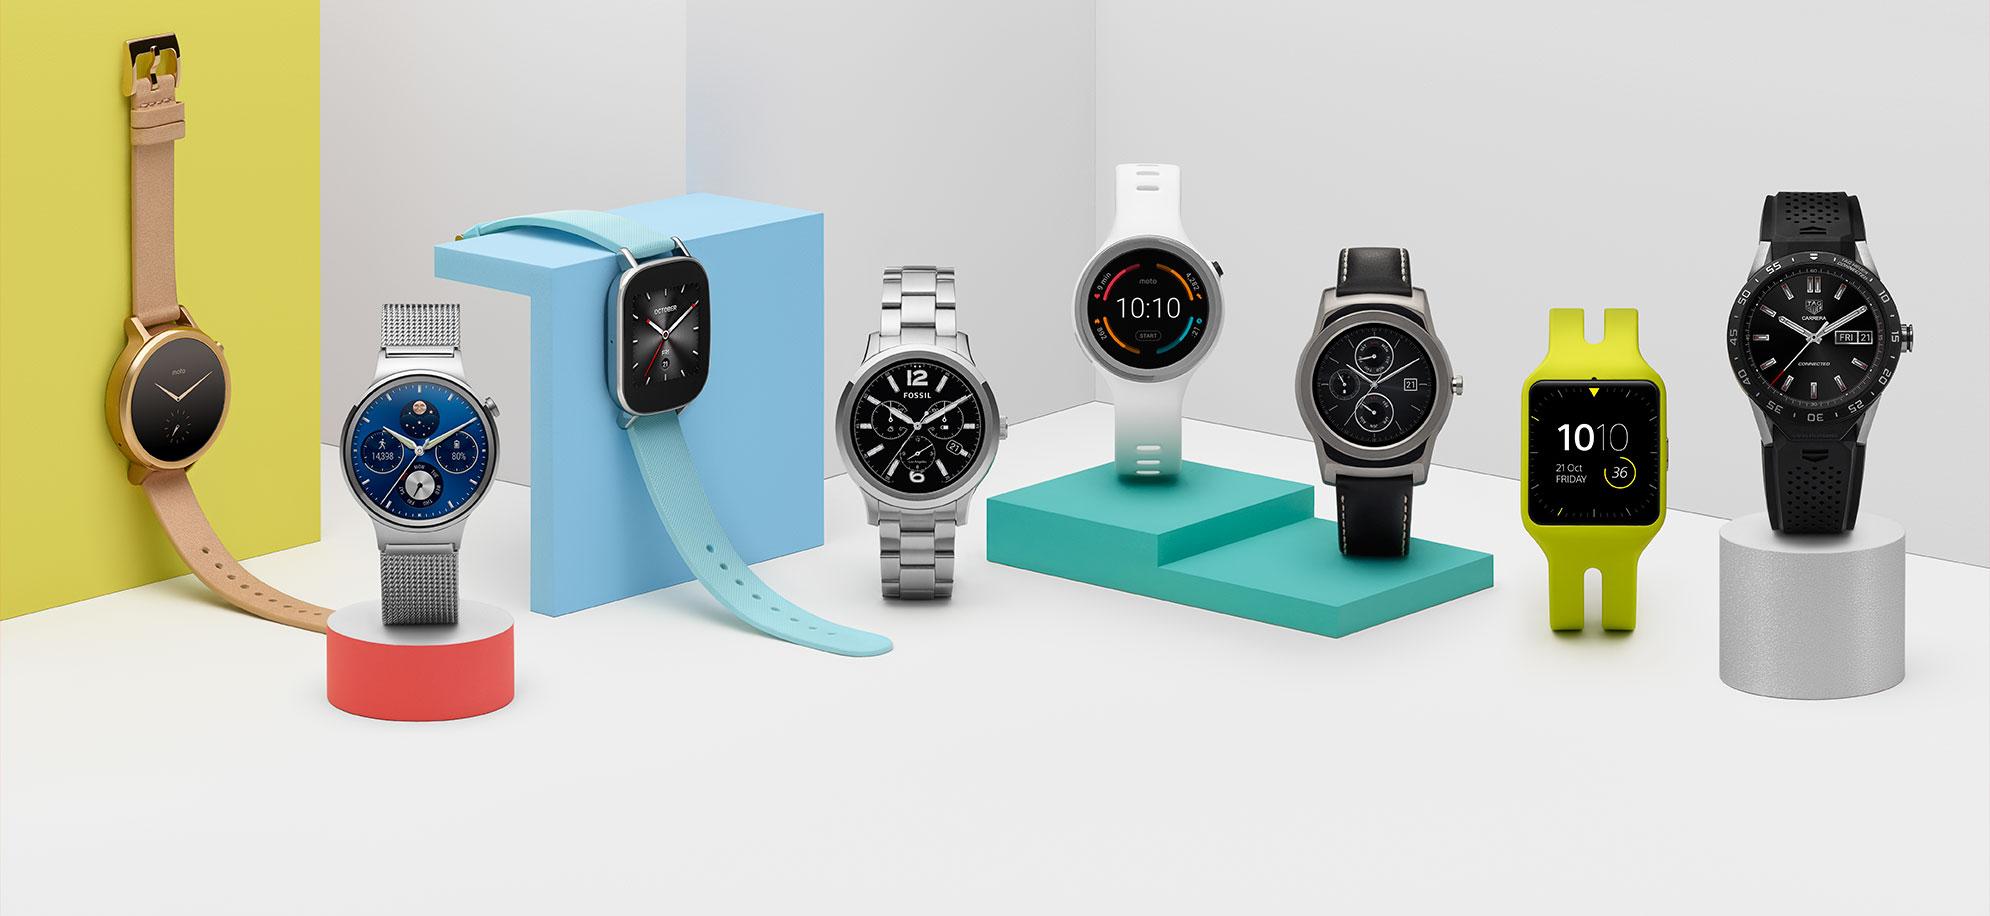 Какие смарт-часы получат обновление Android Wear 2.0?